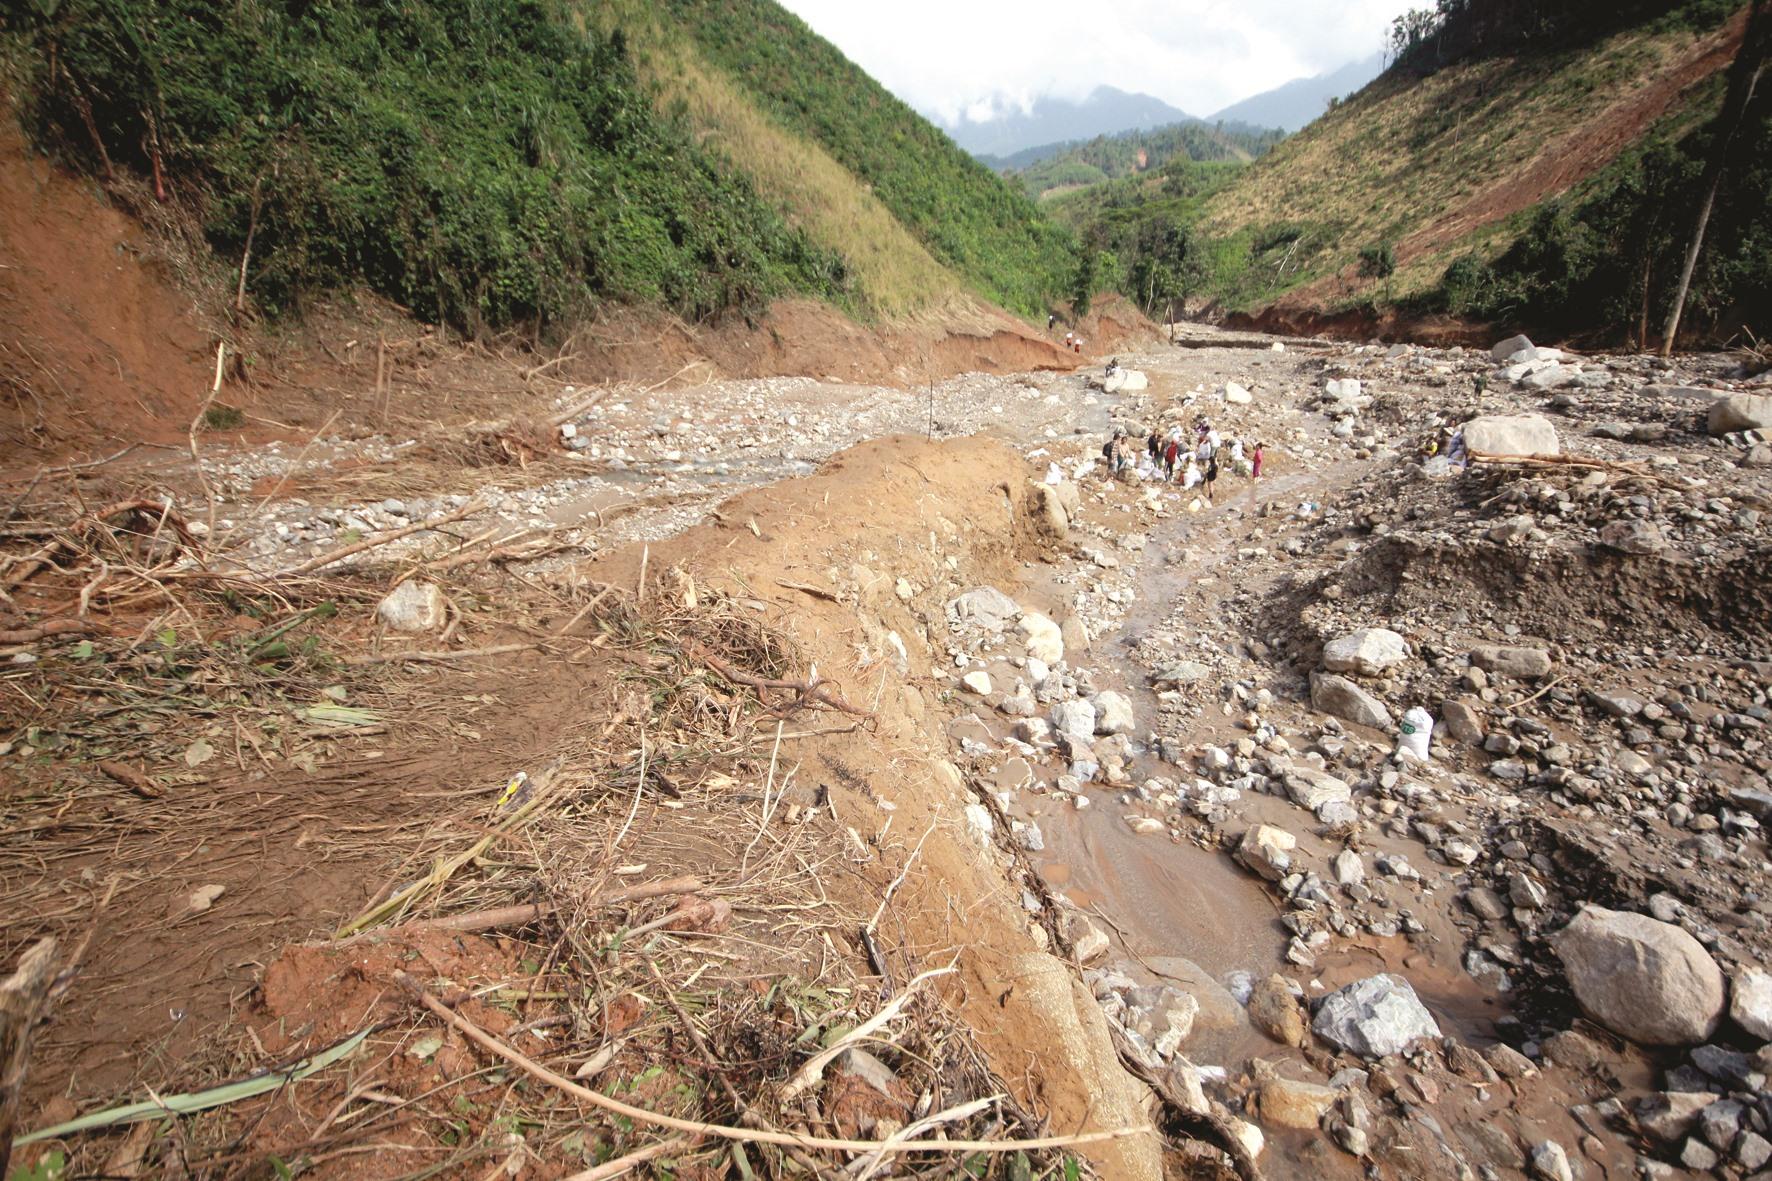 Ngổn ngang đá lớn bị lũ cuốn xuống lòng sông Trà Văn, địa phận giáp giới xã Phước Kim và Phước Thành. Ảnh: T.C